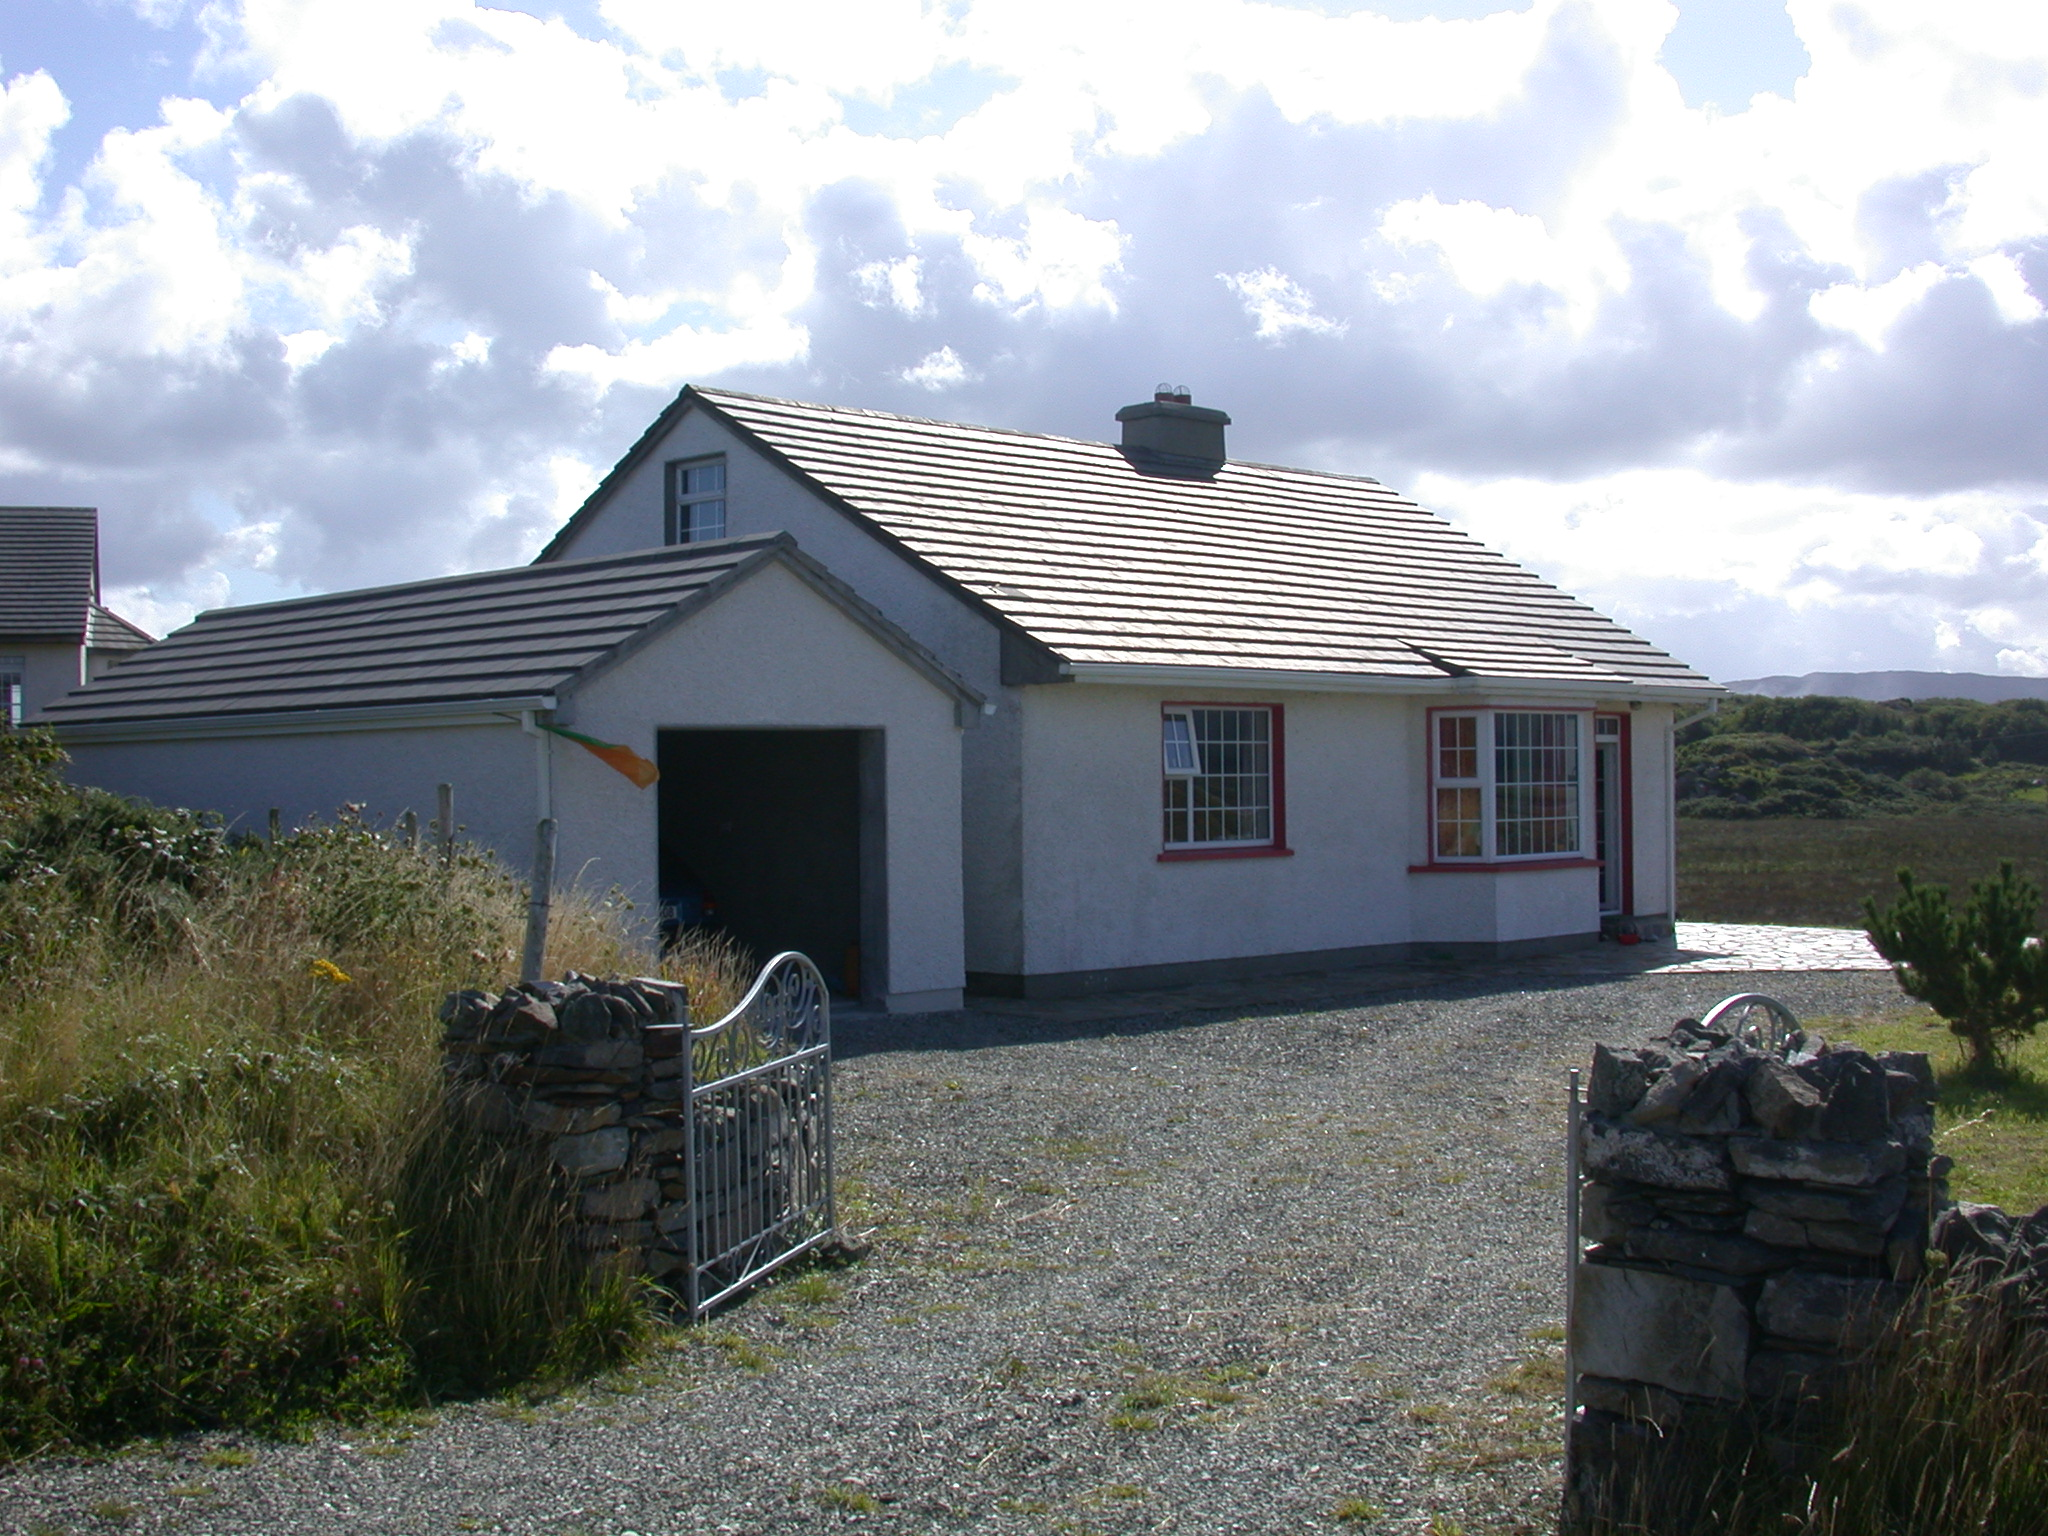 Ferienhaus Irland, Ardara, Donegal | Ferienhaus in Irland